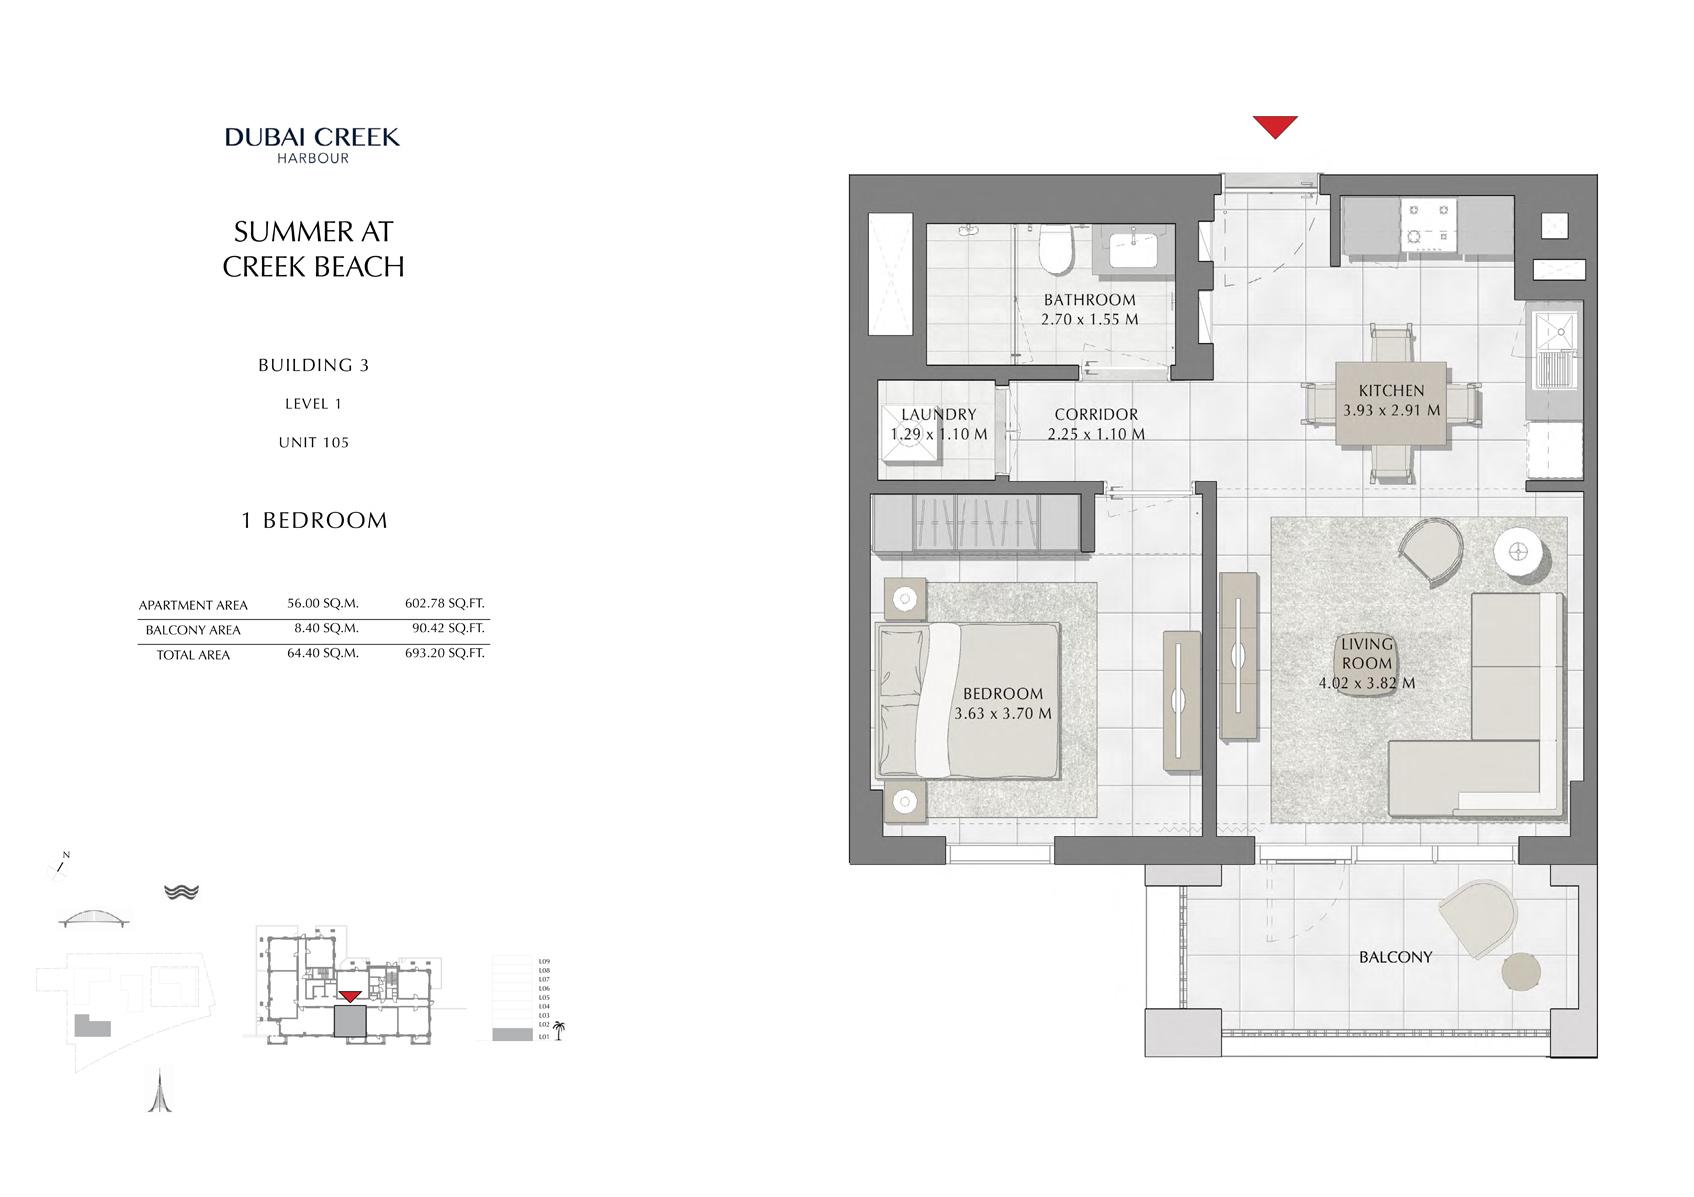 1 Br Building 3 Level 1 Unit 105, Size 693 Sq Ft